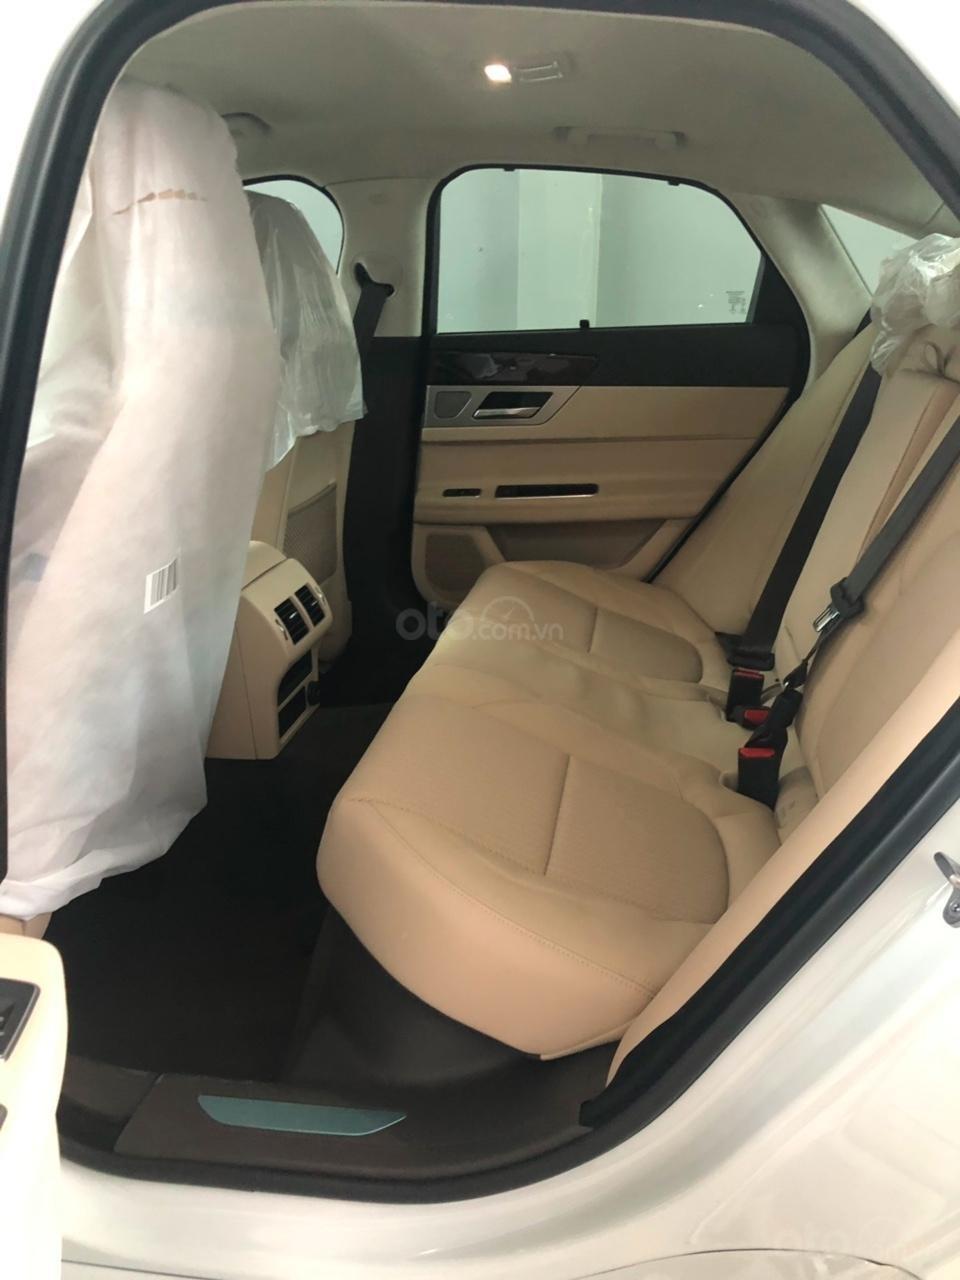 093 22222 53 - Bán giá xe Jaguar XF Prestige sản xuất 2018 - 2019 màu trắng, màu đỏ, đen giao xe ngay-1